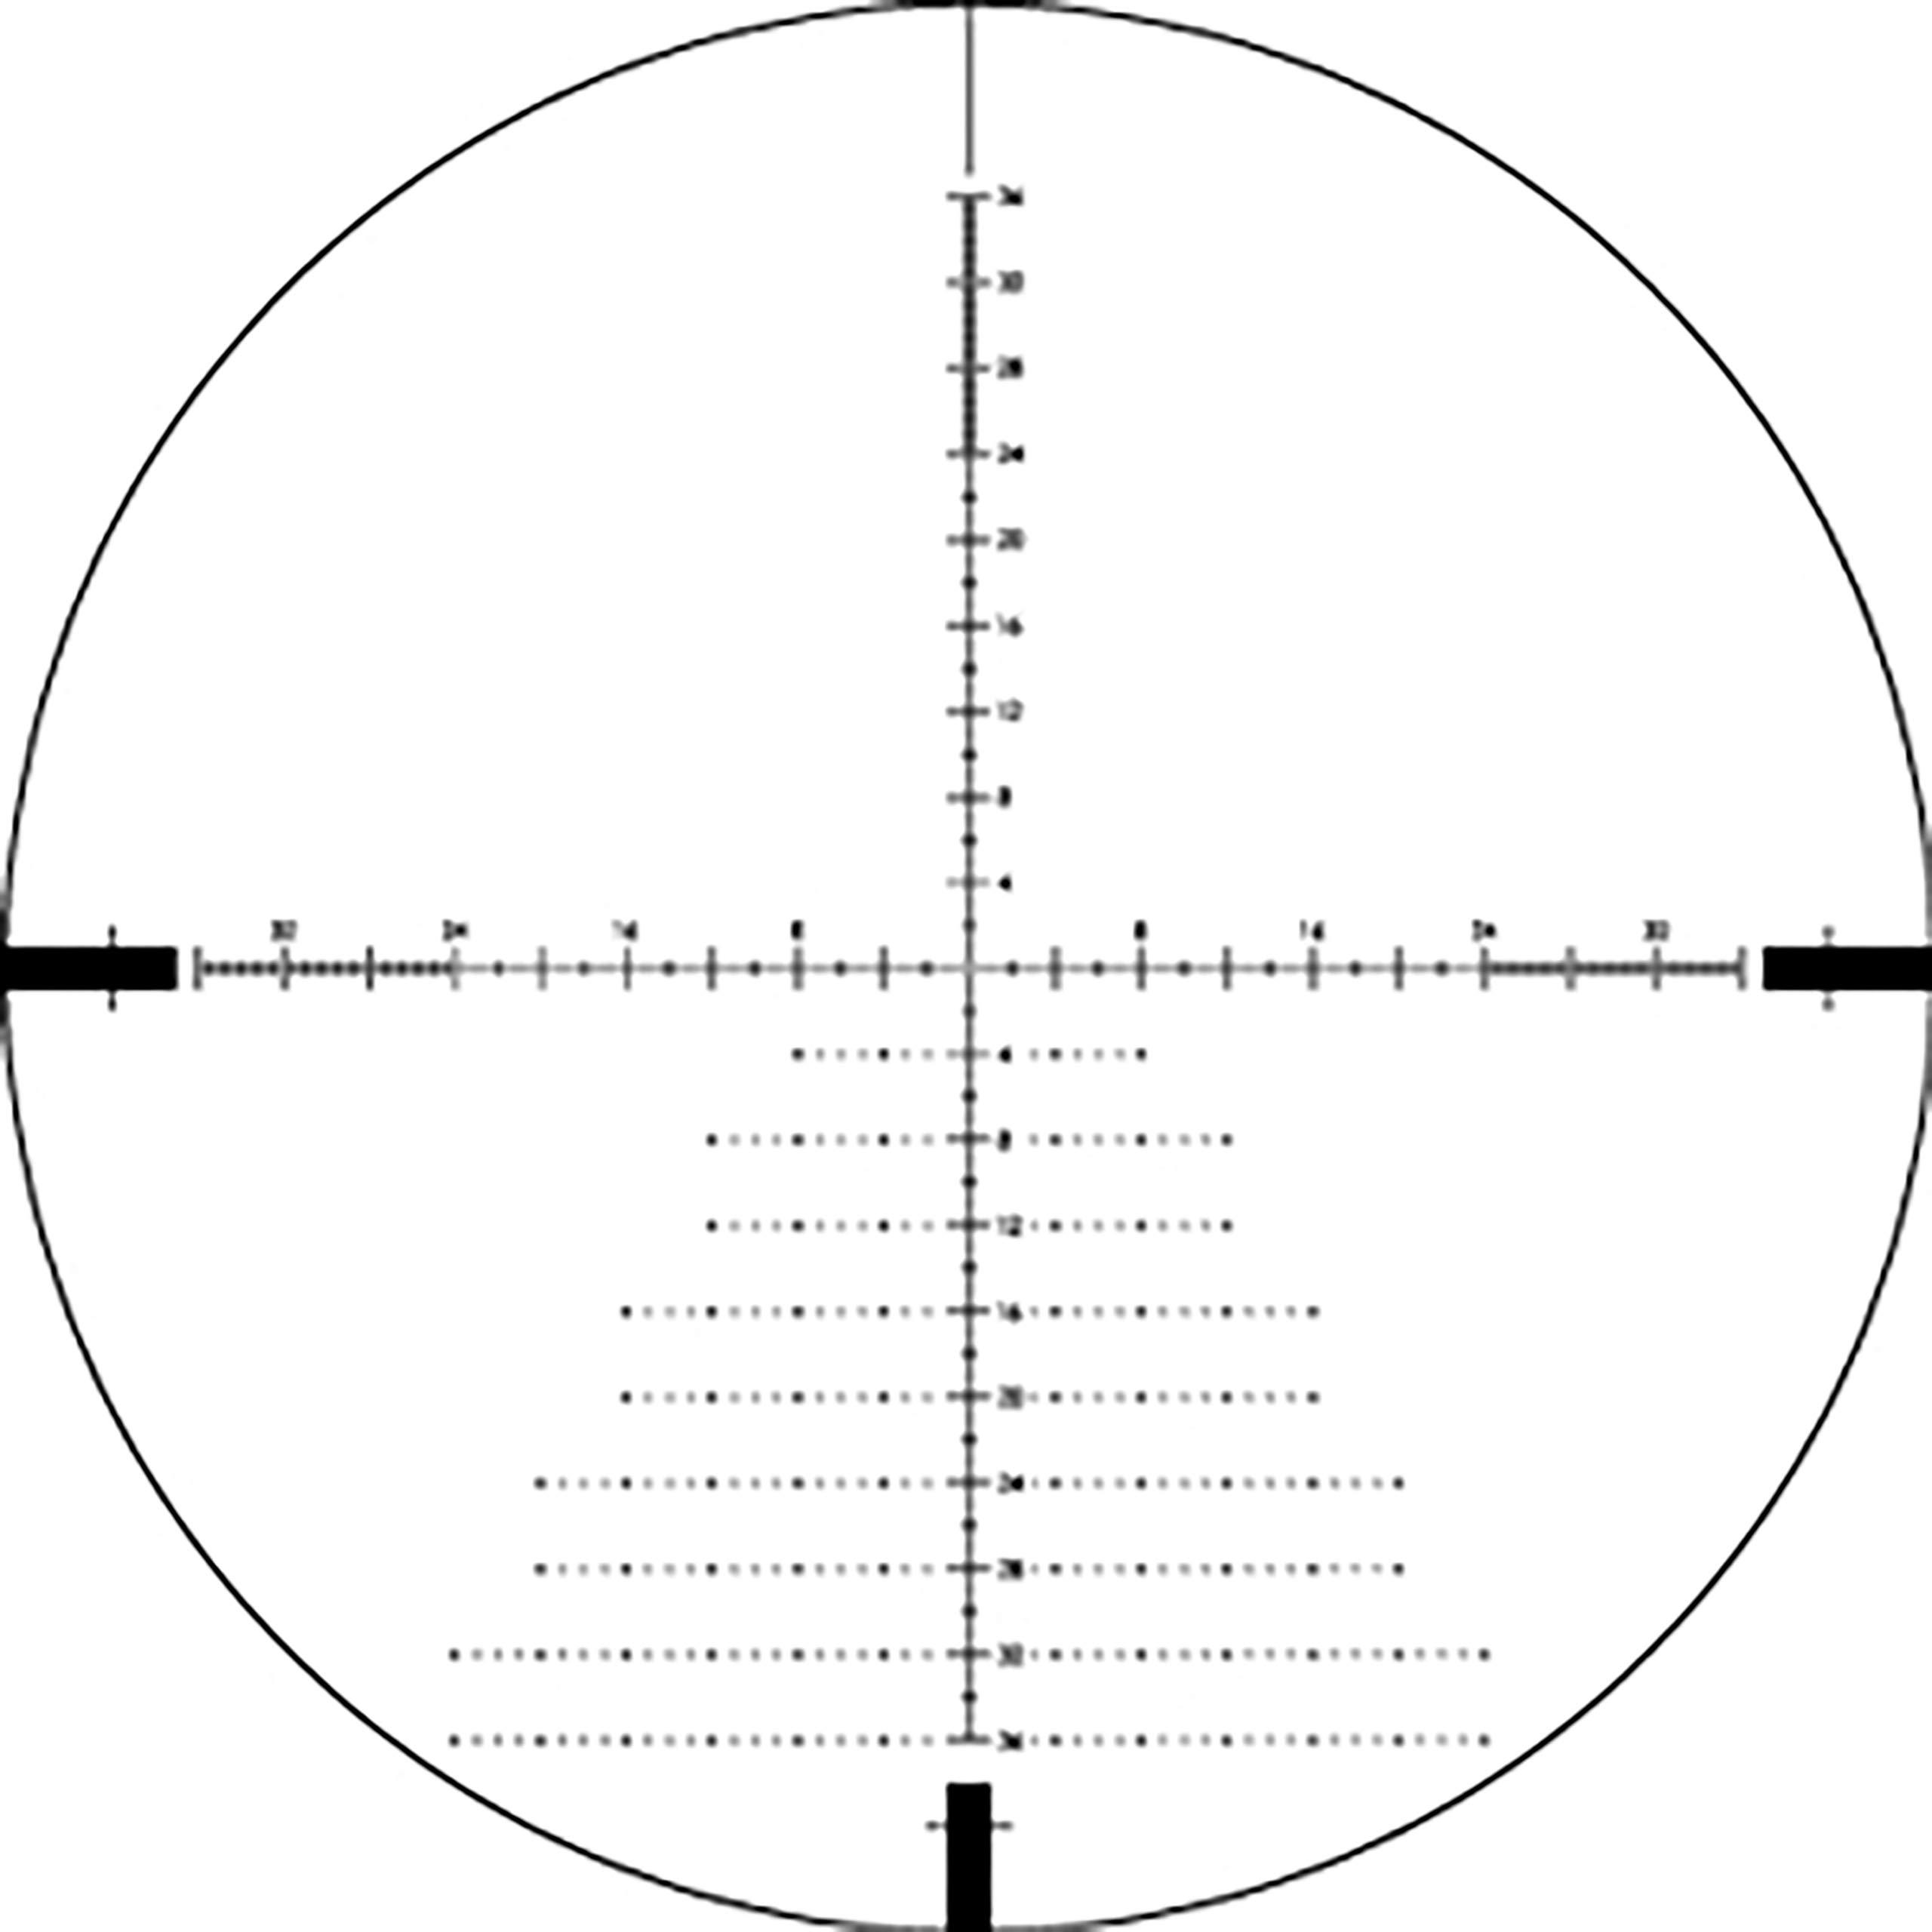 Vortex Optics Diamondback Tactical 6-24x50 First Focal Plane Riflescopes - EBR-2C (MOA) Tactical Reticle by Vortex Optics